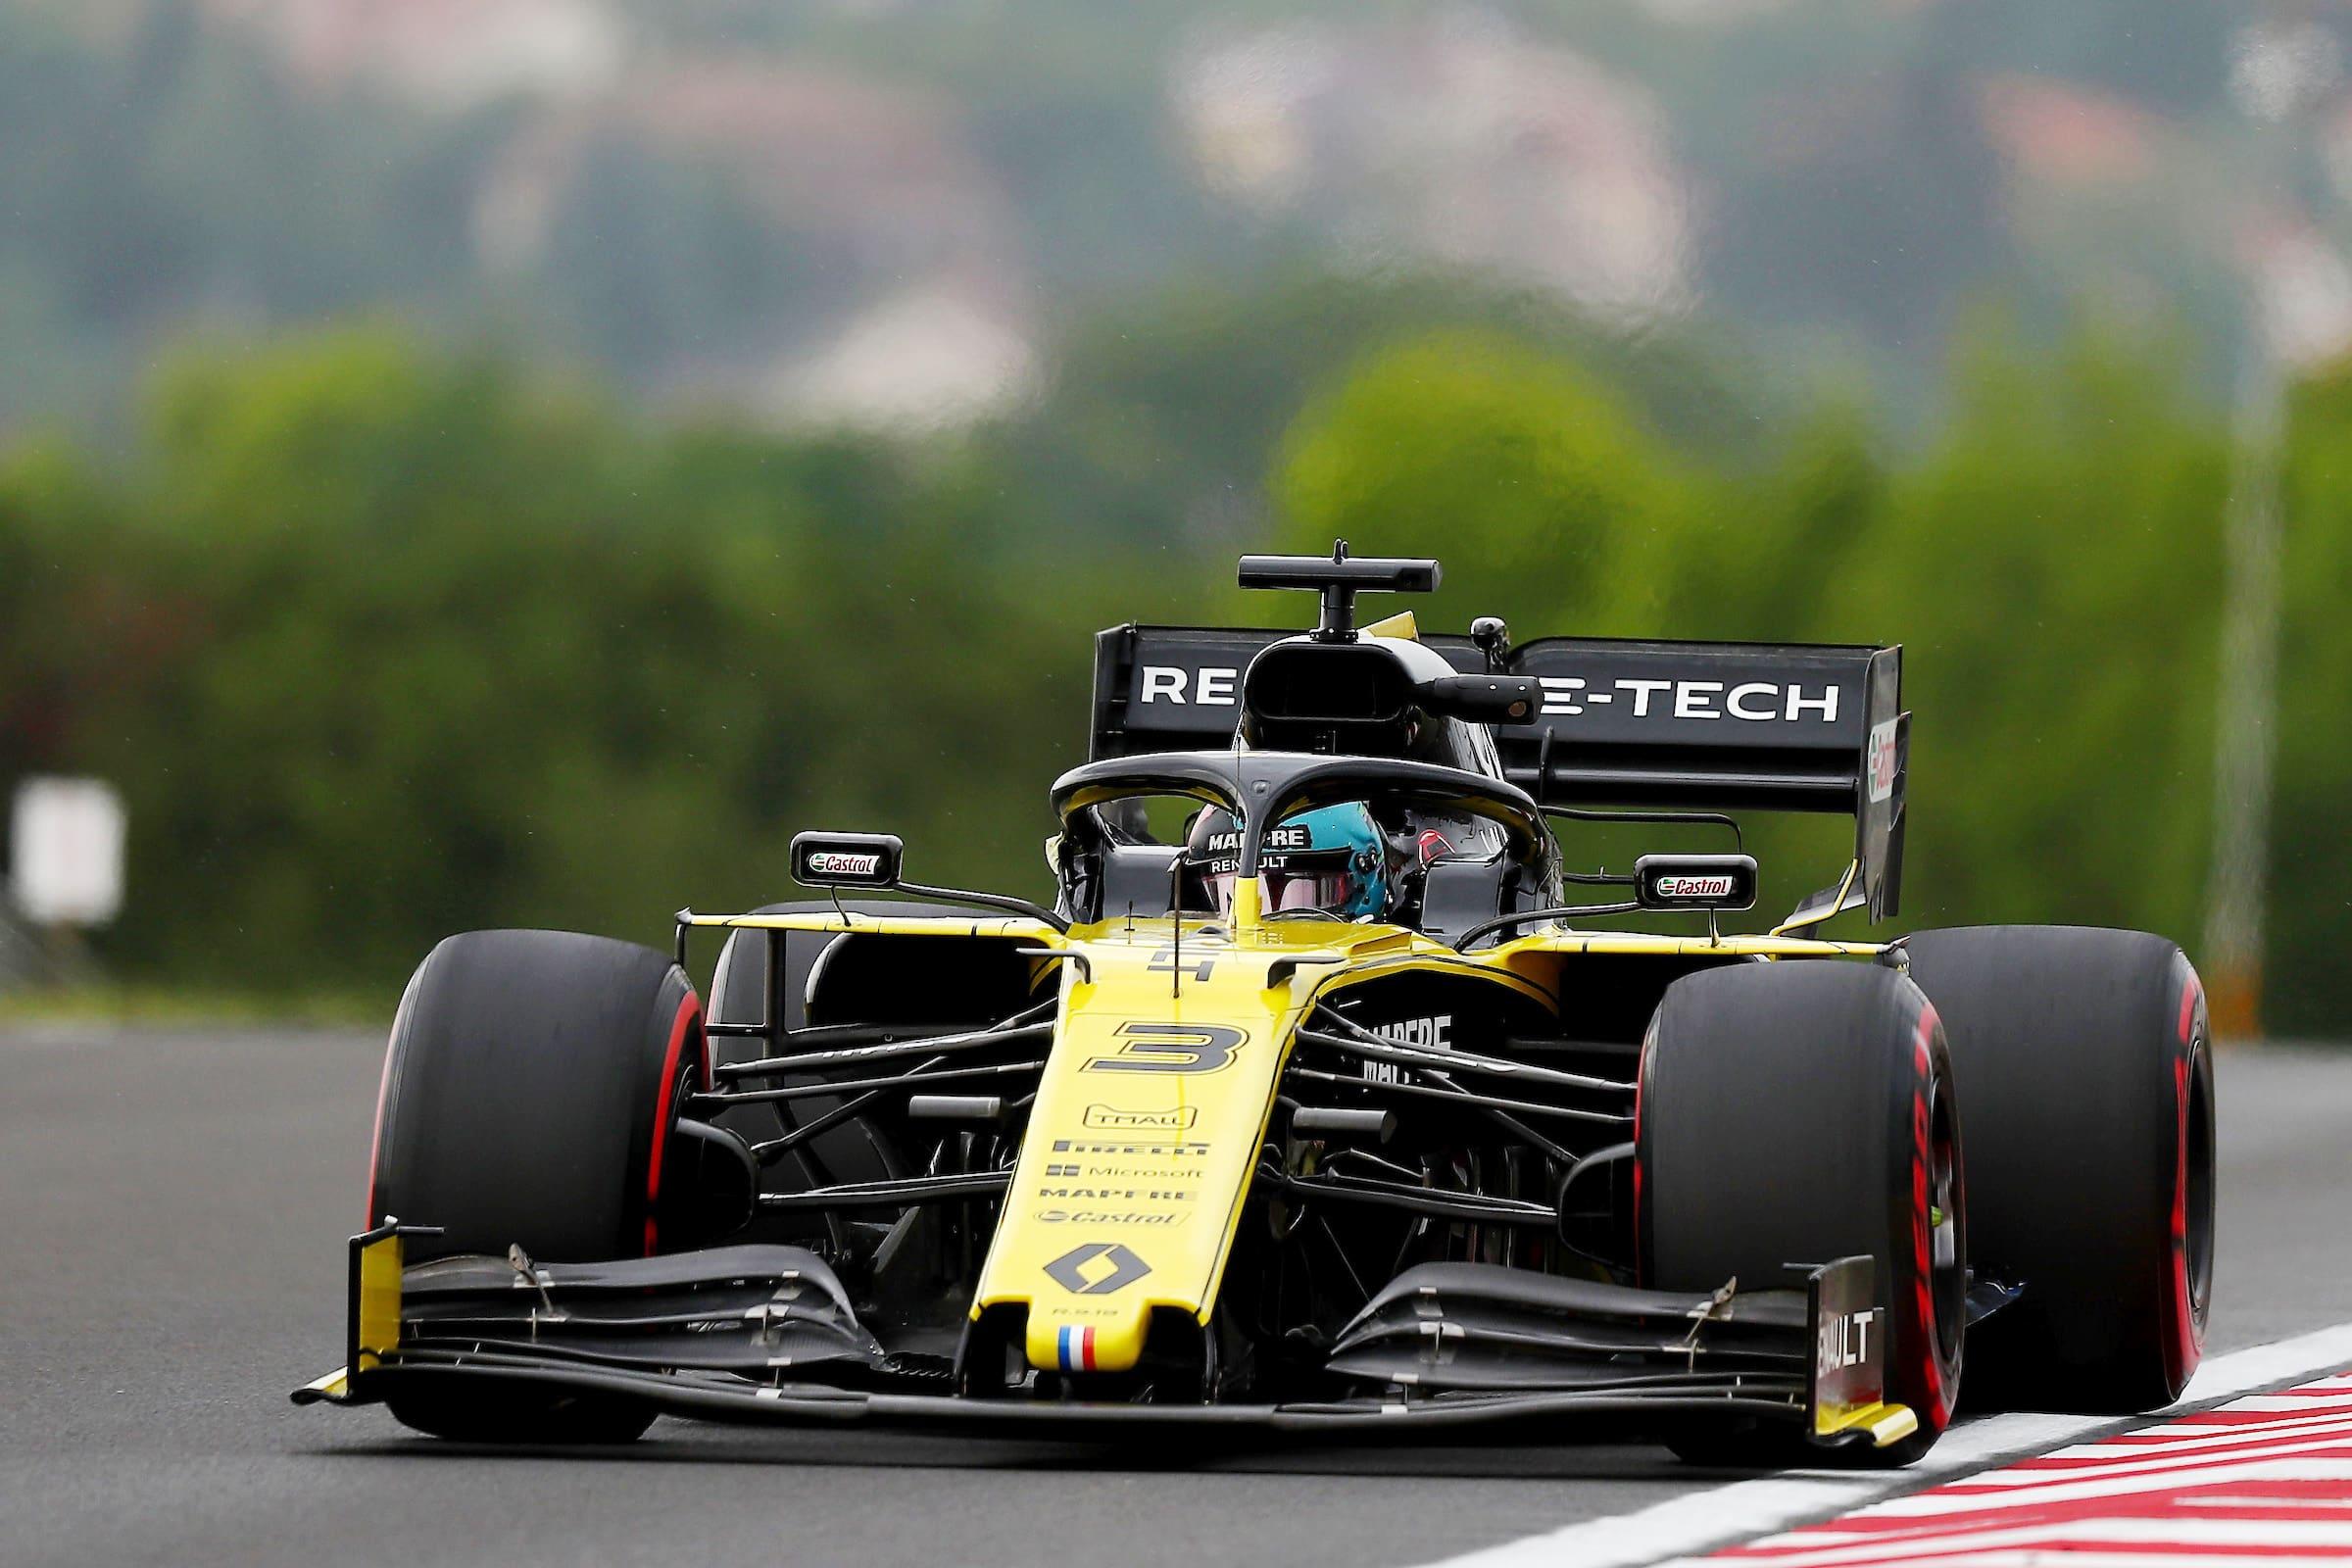 Calendario F1 2020 Tv8.F1 Belgio 2019 Orari E Differita Chiaro Tv8 30 31 Agosto